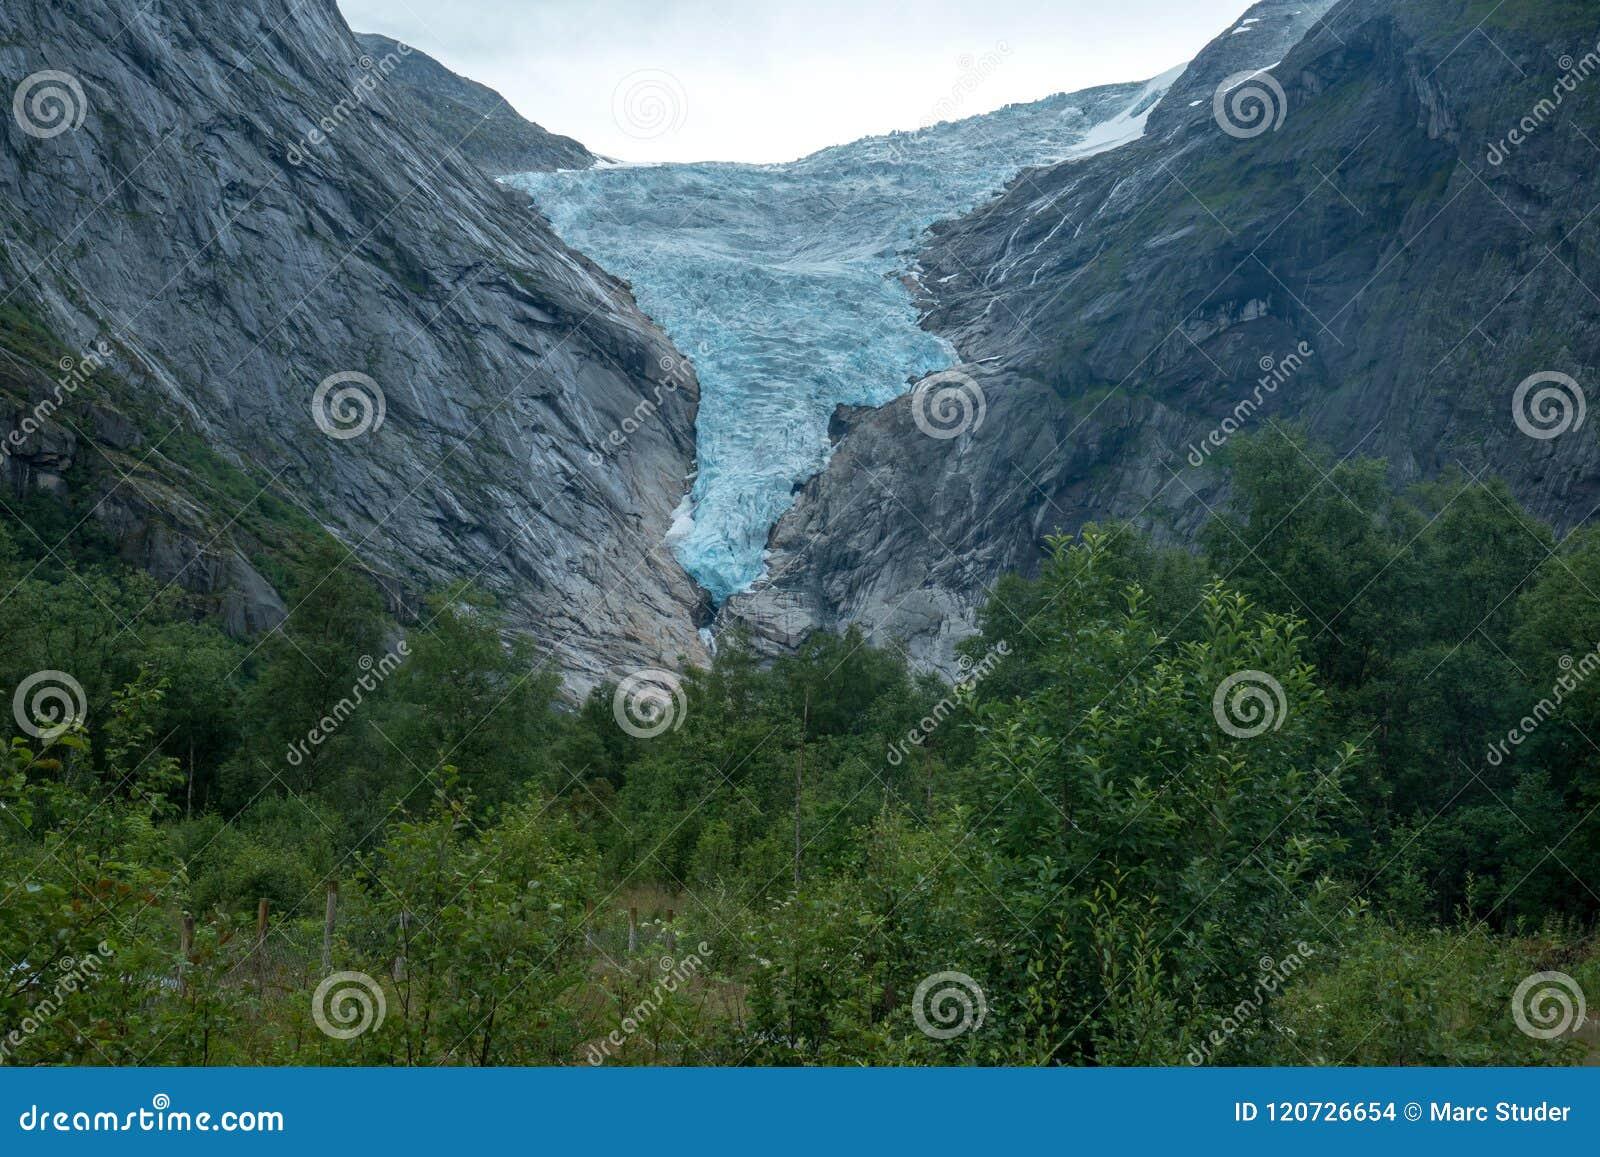 Global uppvärmningglaciär briksdal glaciär i Briksdalbreen, Norge